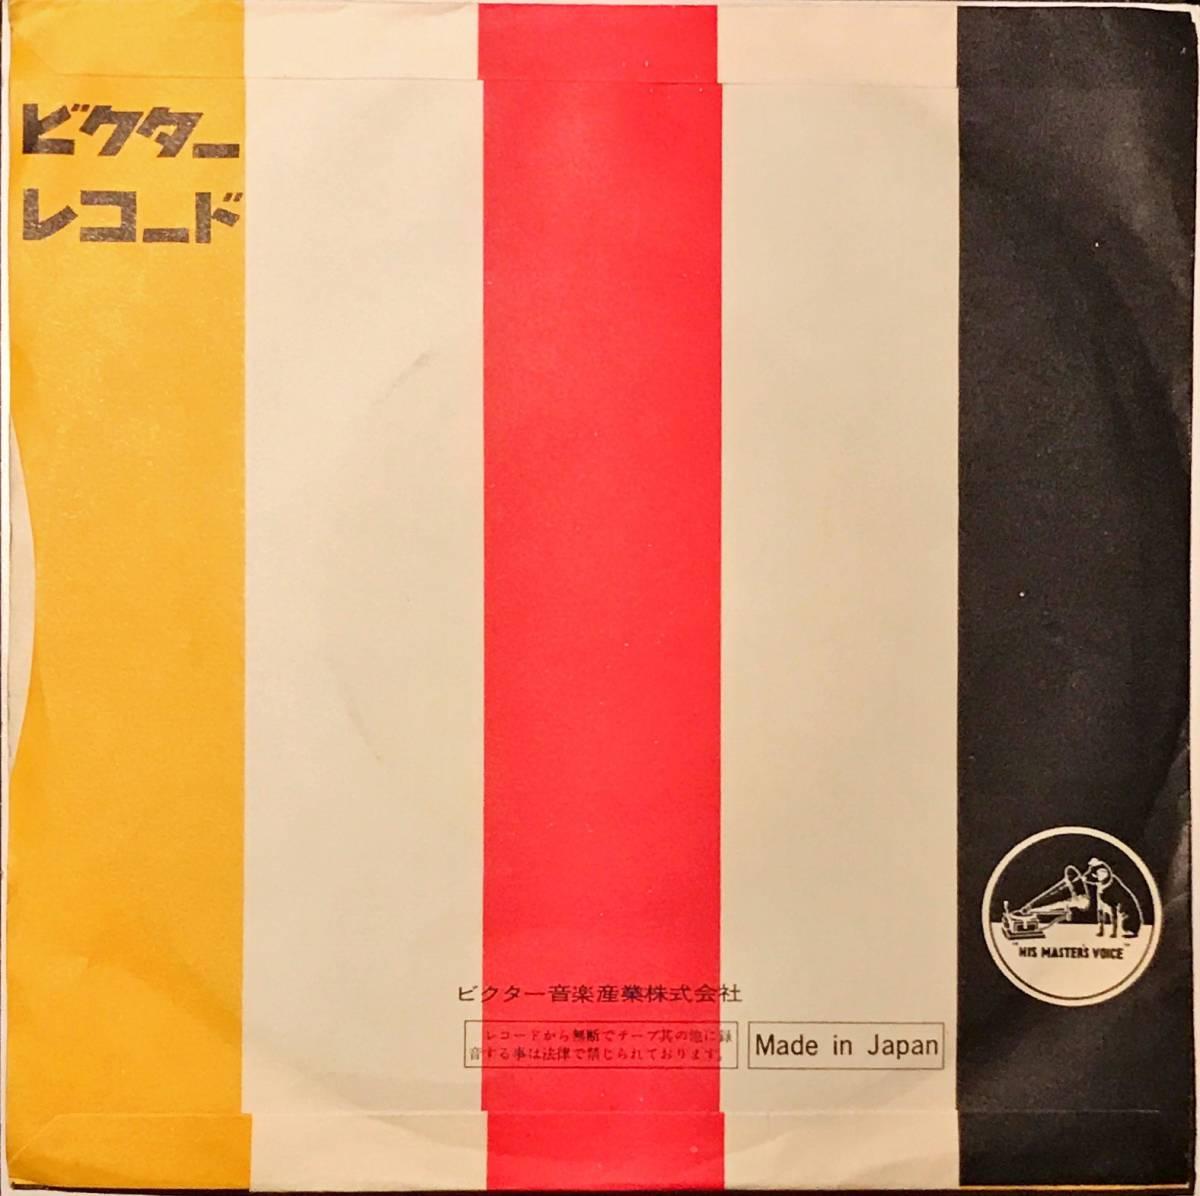 [試聴]和モノ メロウFOLK はねおか仁 // 別れの前に / 詩・歌・唄 ディープ歌謡 [EP]深町純フォークB級マイナー盤レコードmellow 7inch_画像3